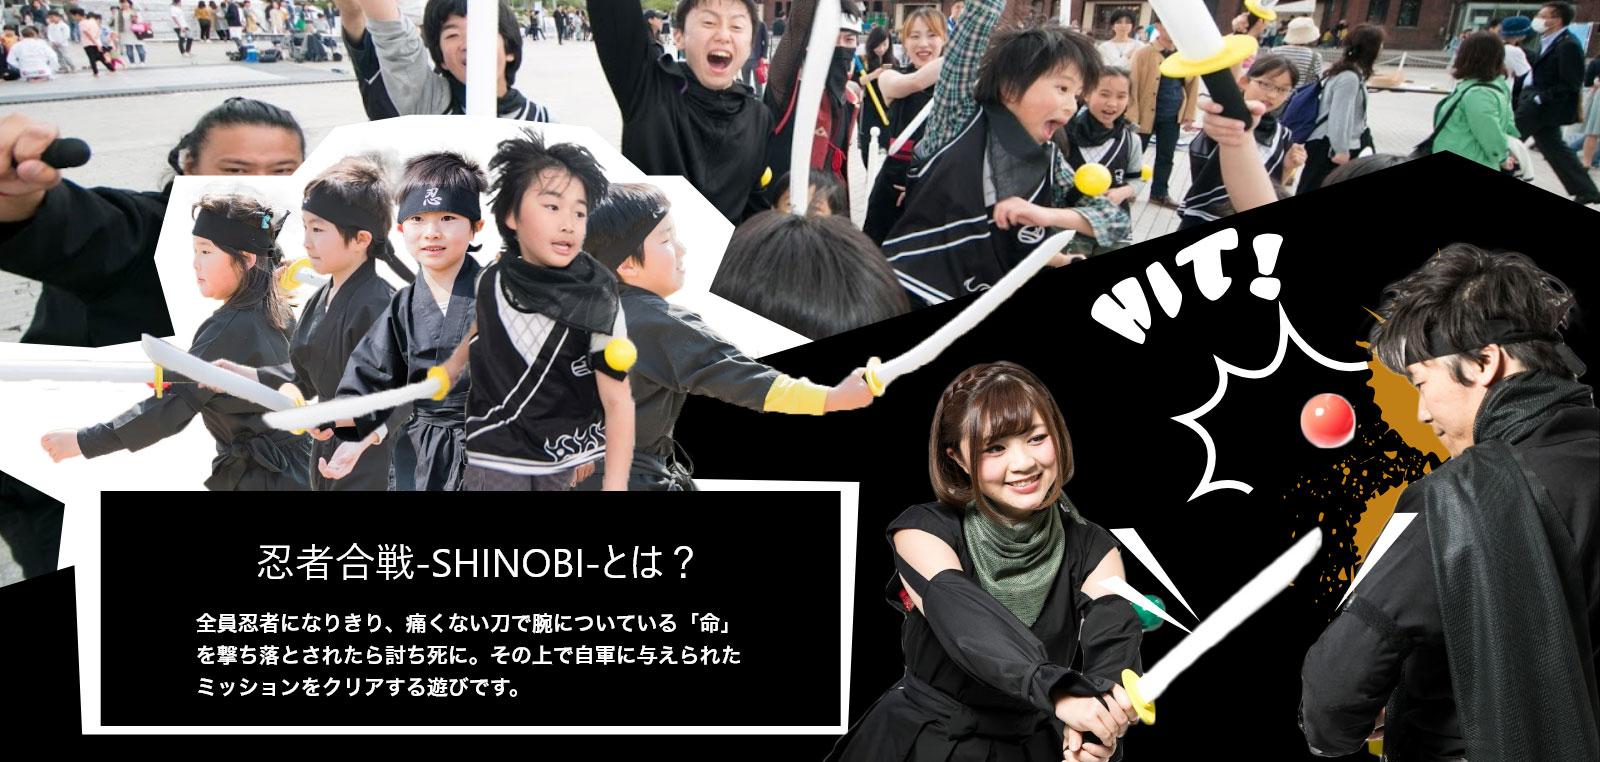 忍者合戦-SHINOBI-とは?